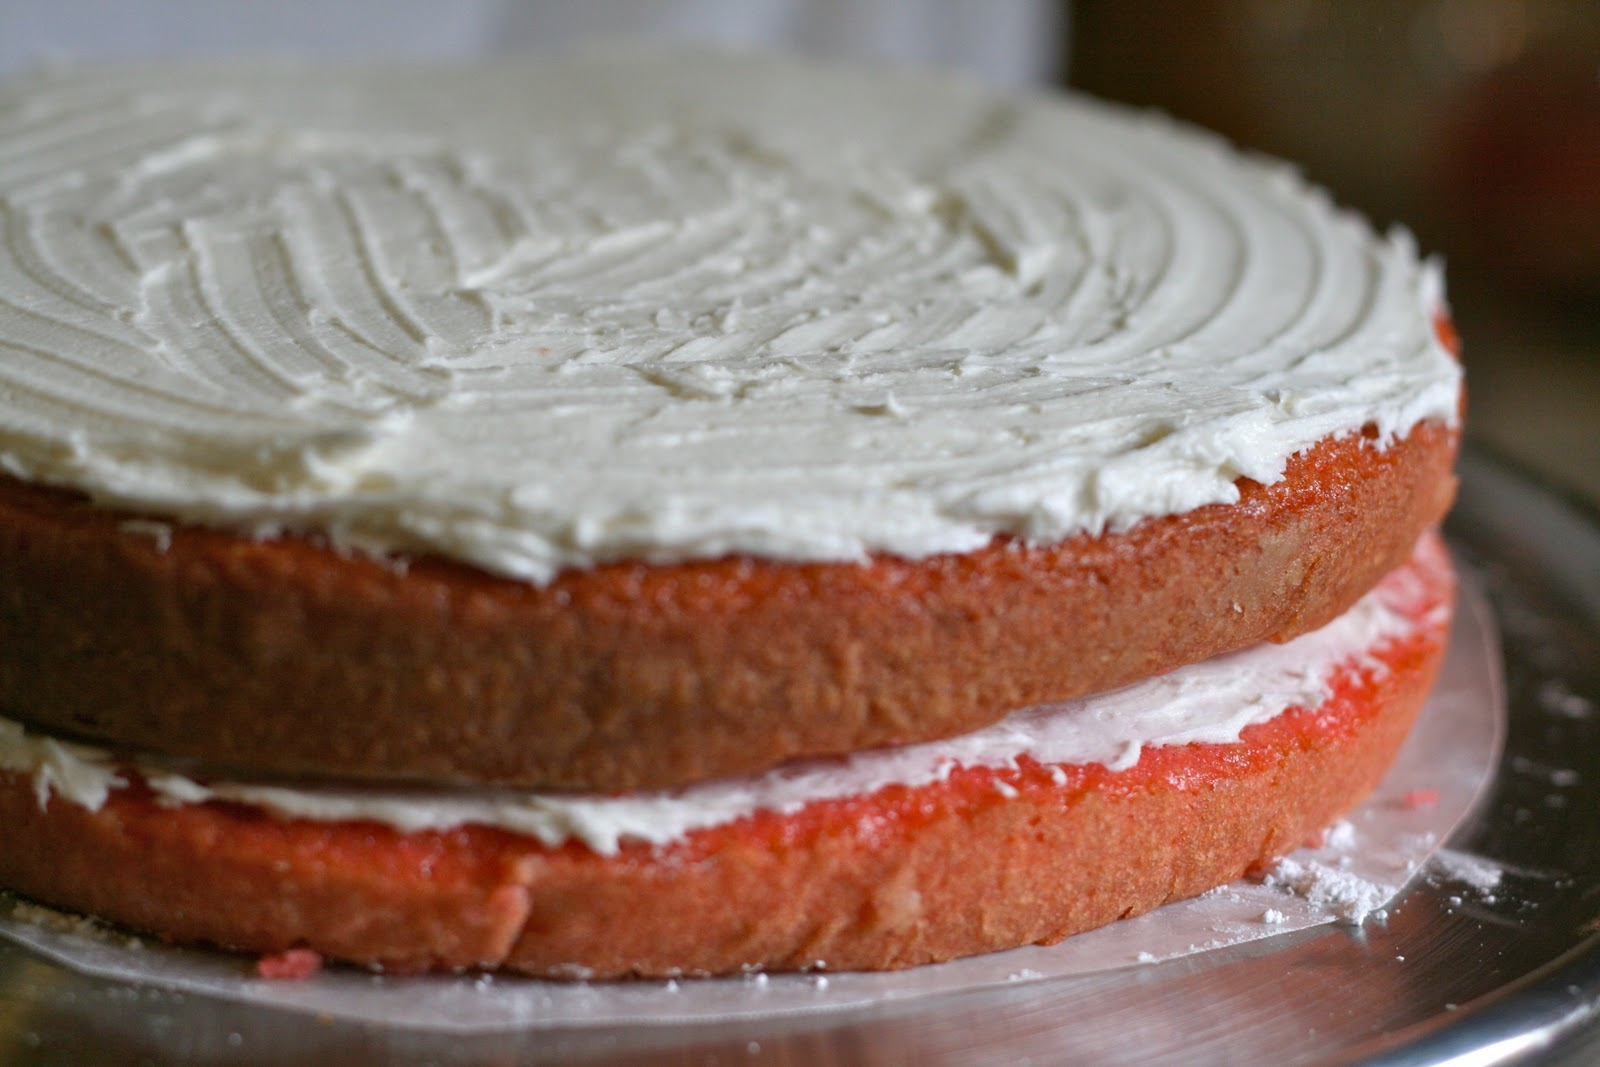 Putting Fresh Strawberries Between Cake Layers